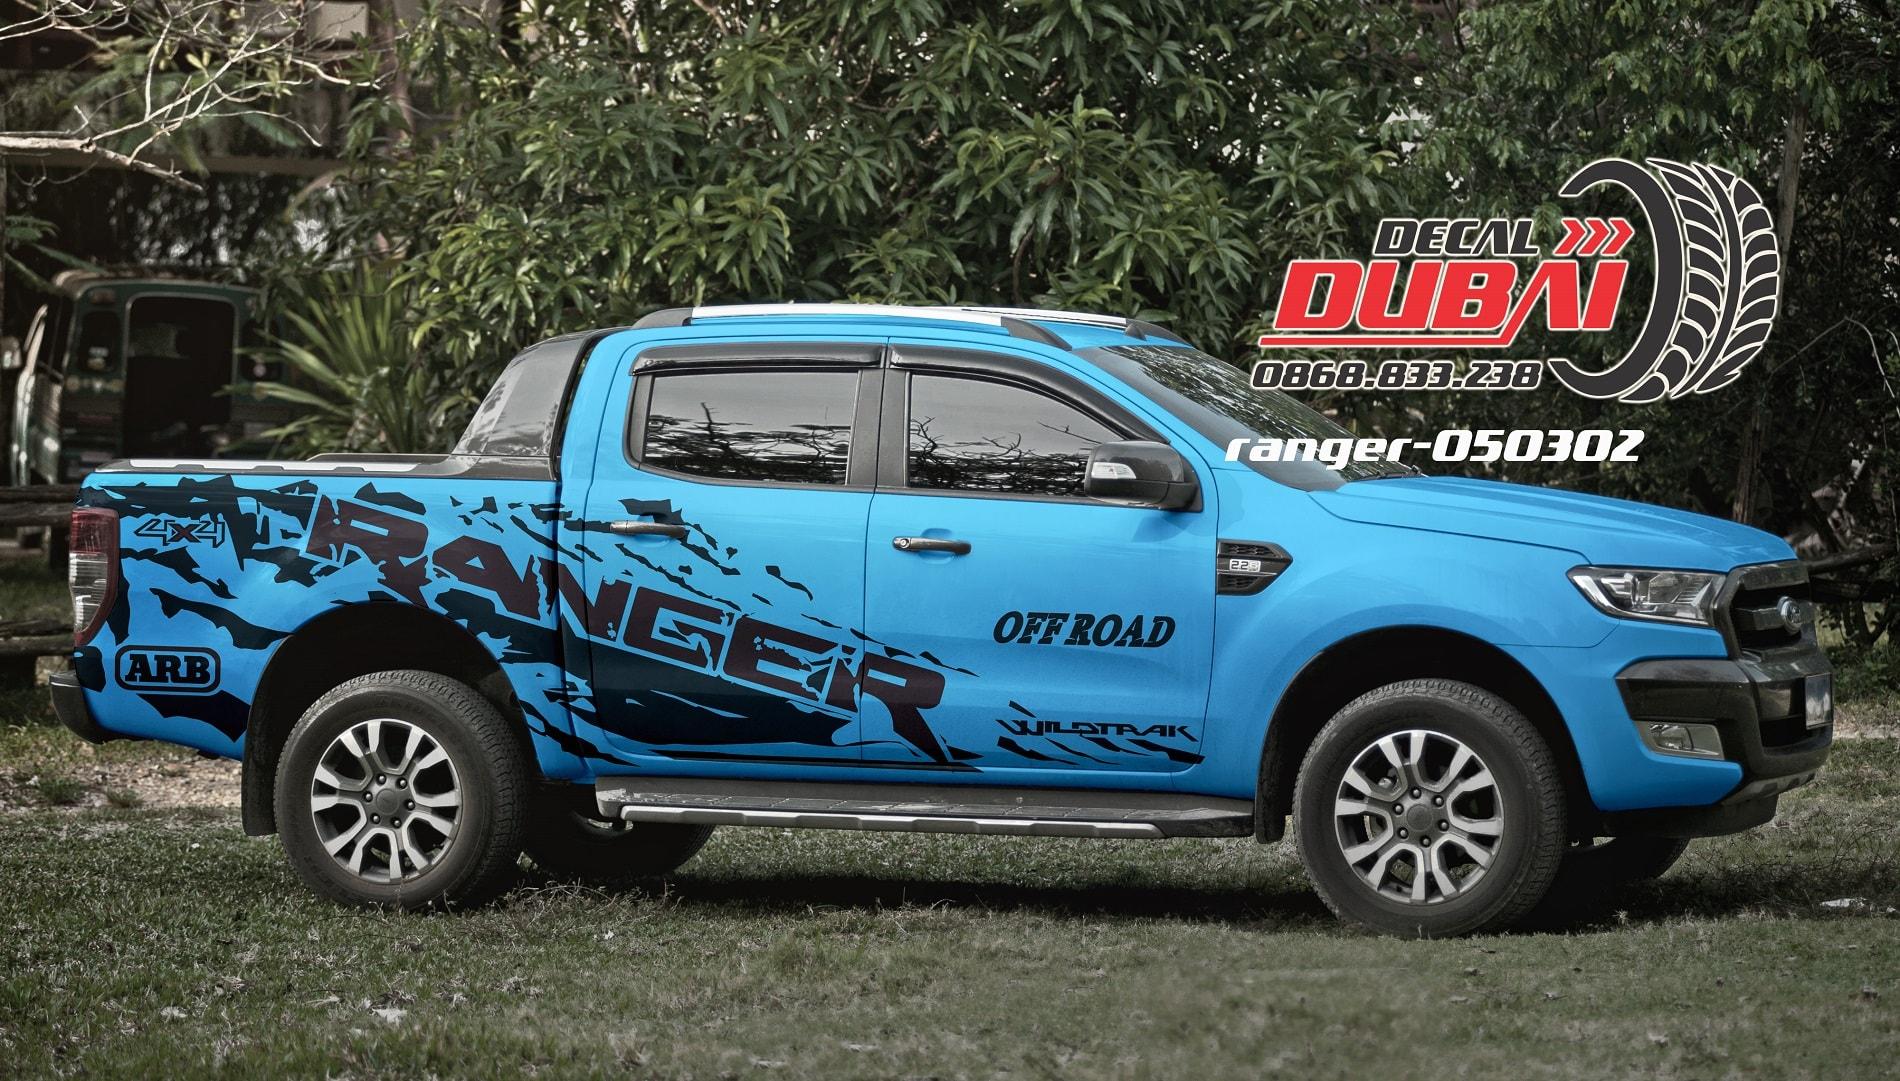 Tem-xe-ranger-050302.4-1450k-min